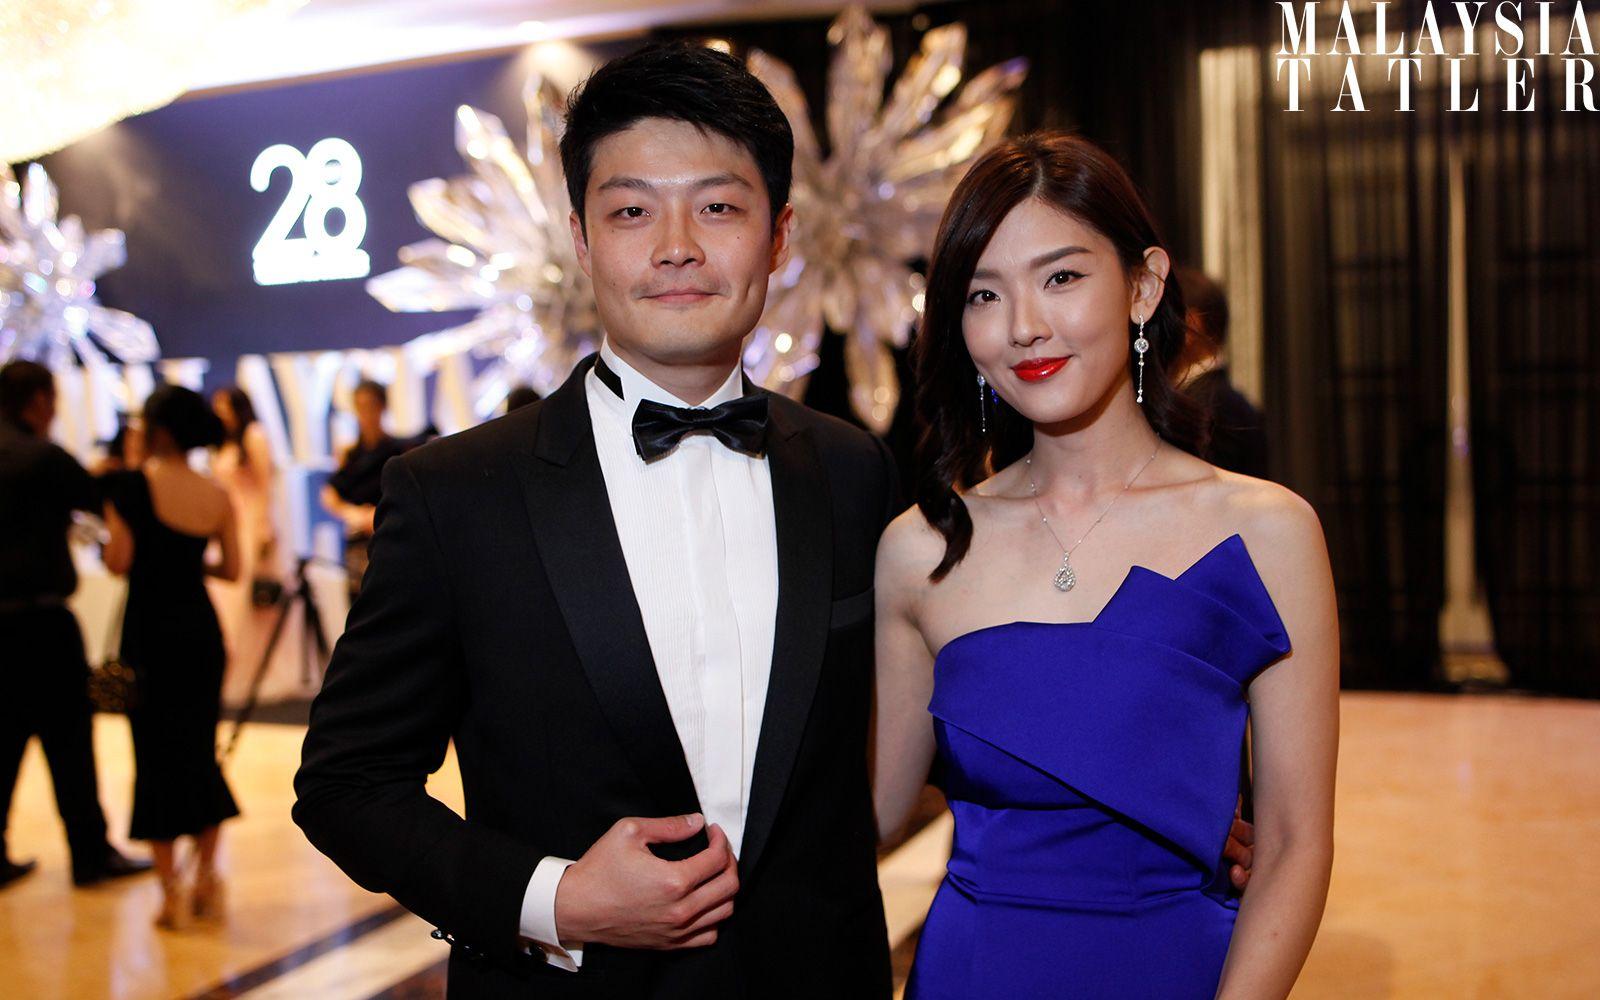 Gavin Li and Goh Yen Yen